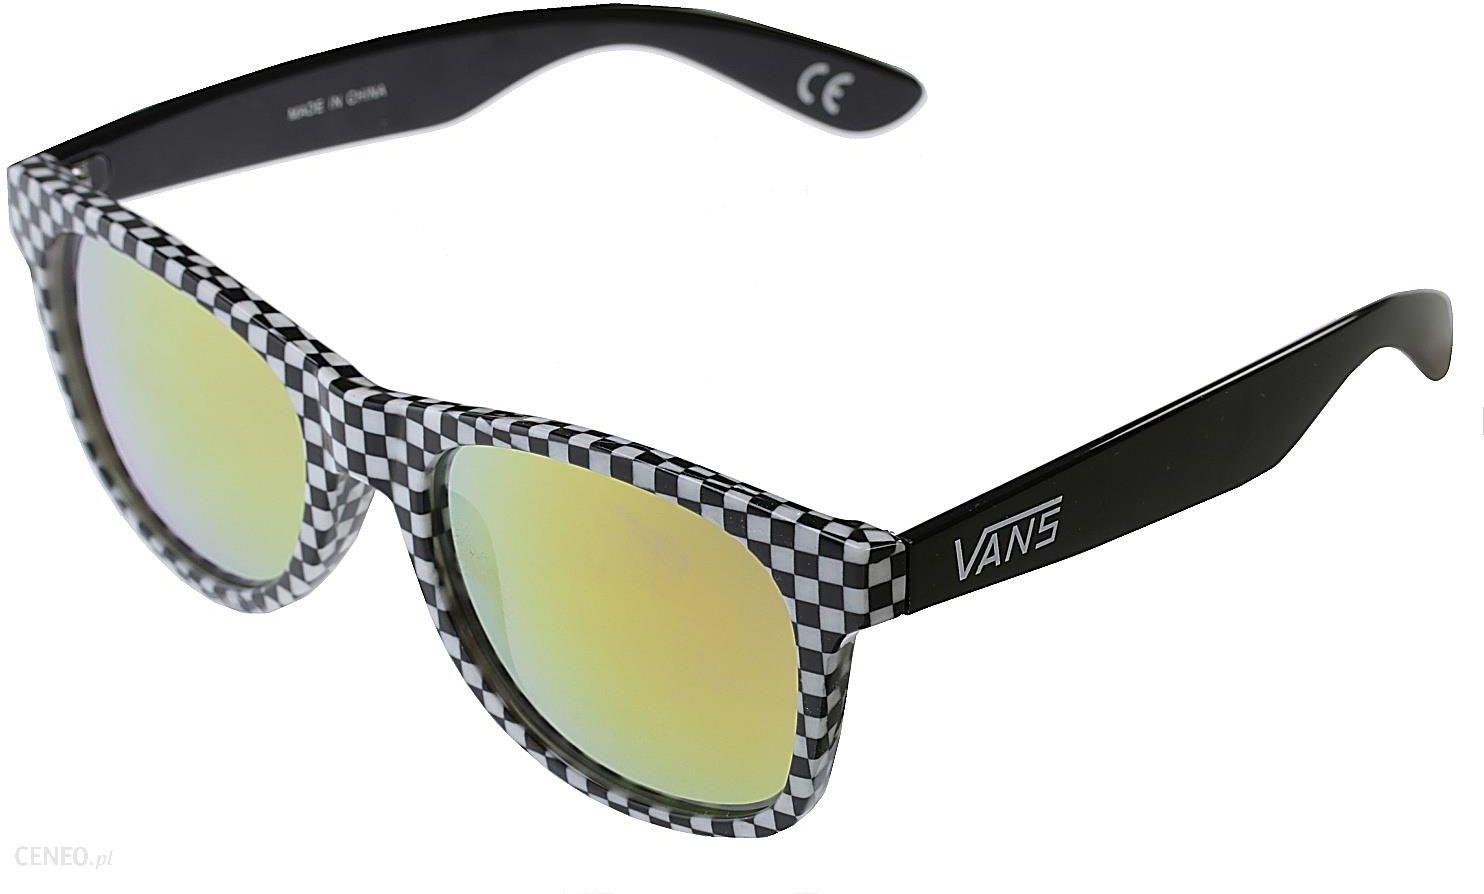 f6523189e666a okulary Vans Spicoli 4 Shades - Checkerboard/Black/Red one size - zdjęcie 1